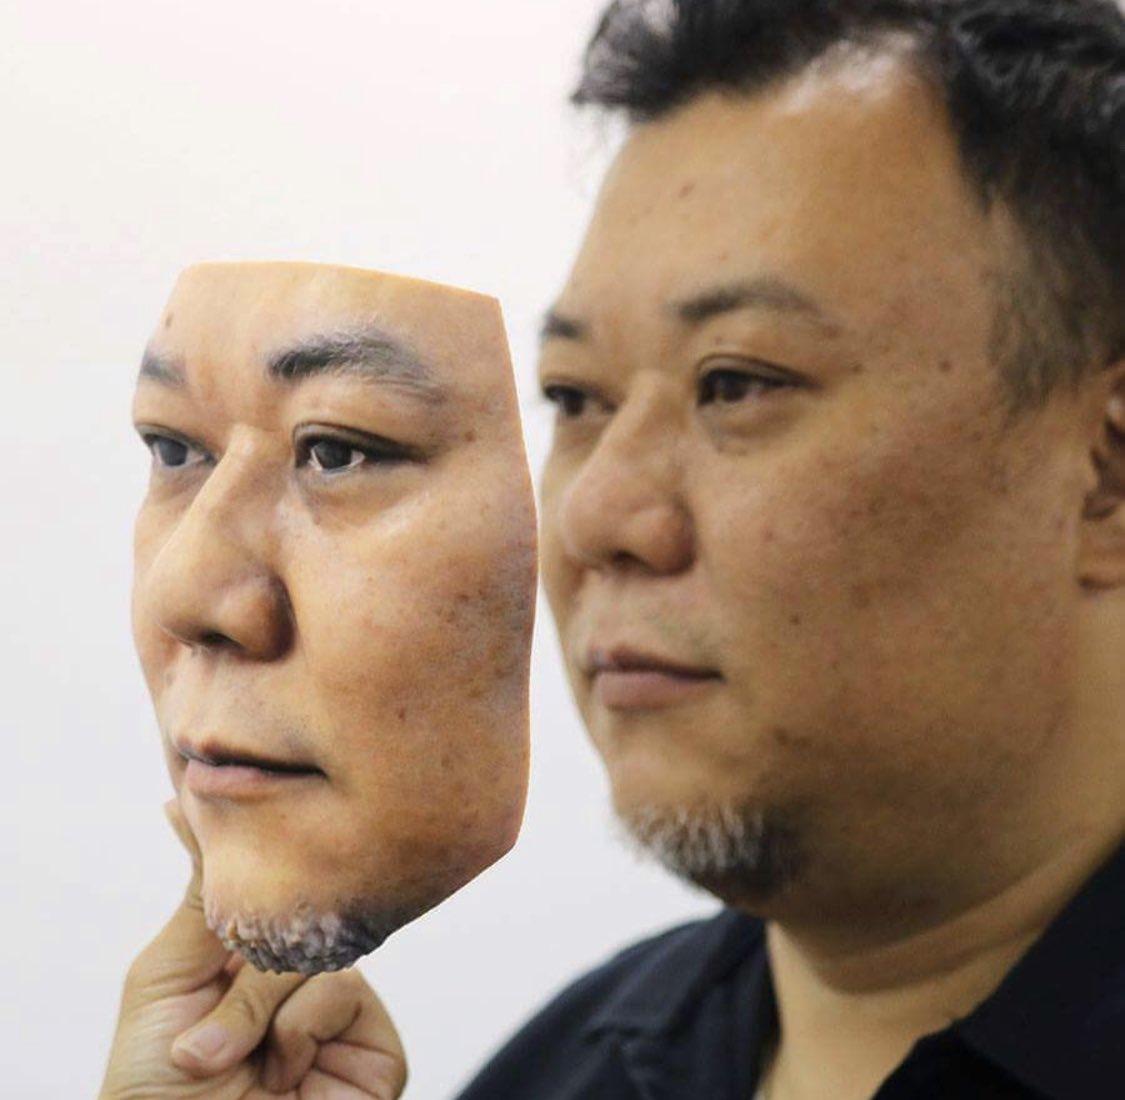 3Dプリンタでマスク作った